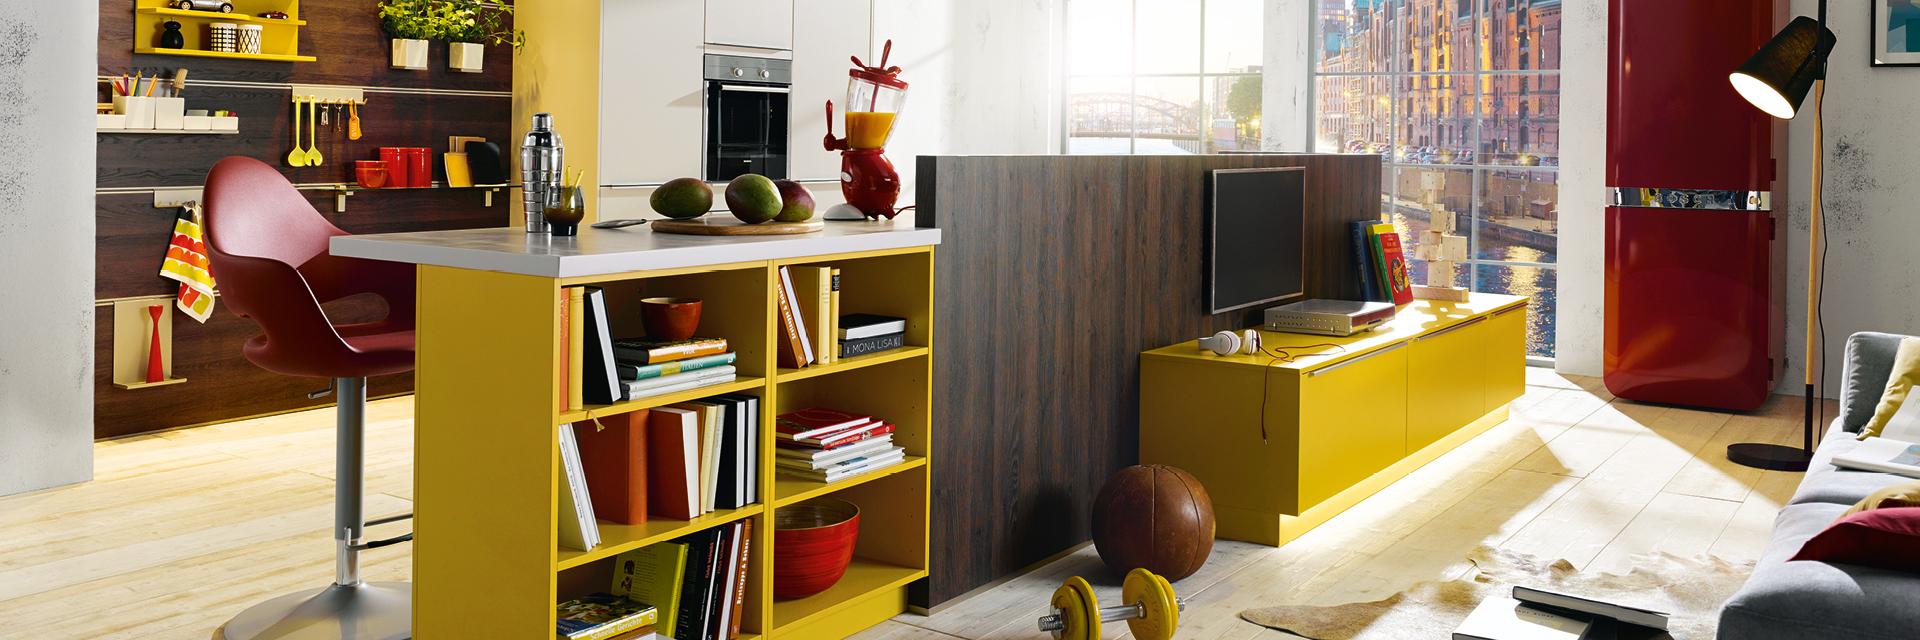 Küche als Büro